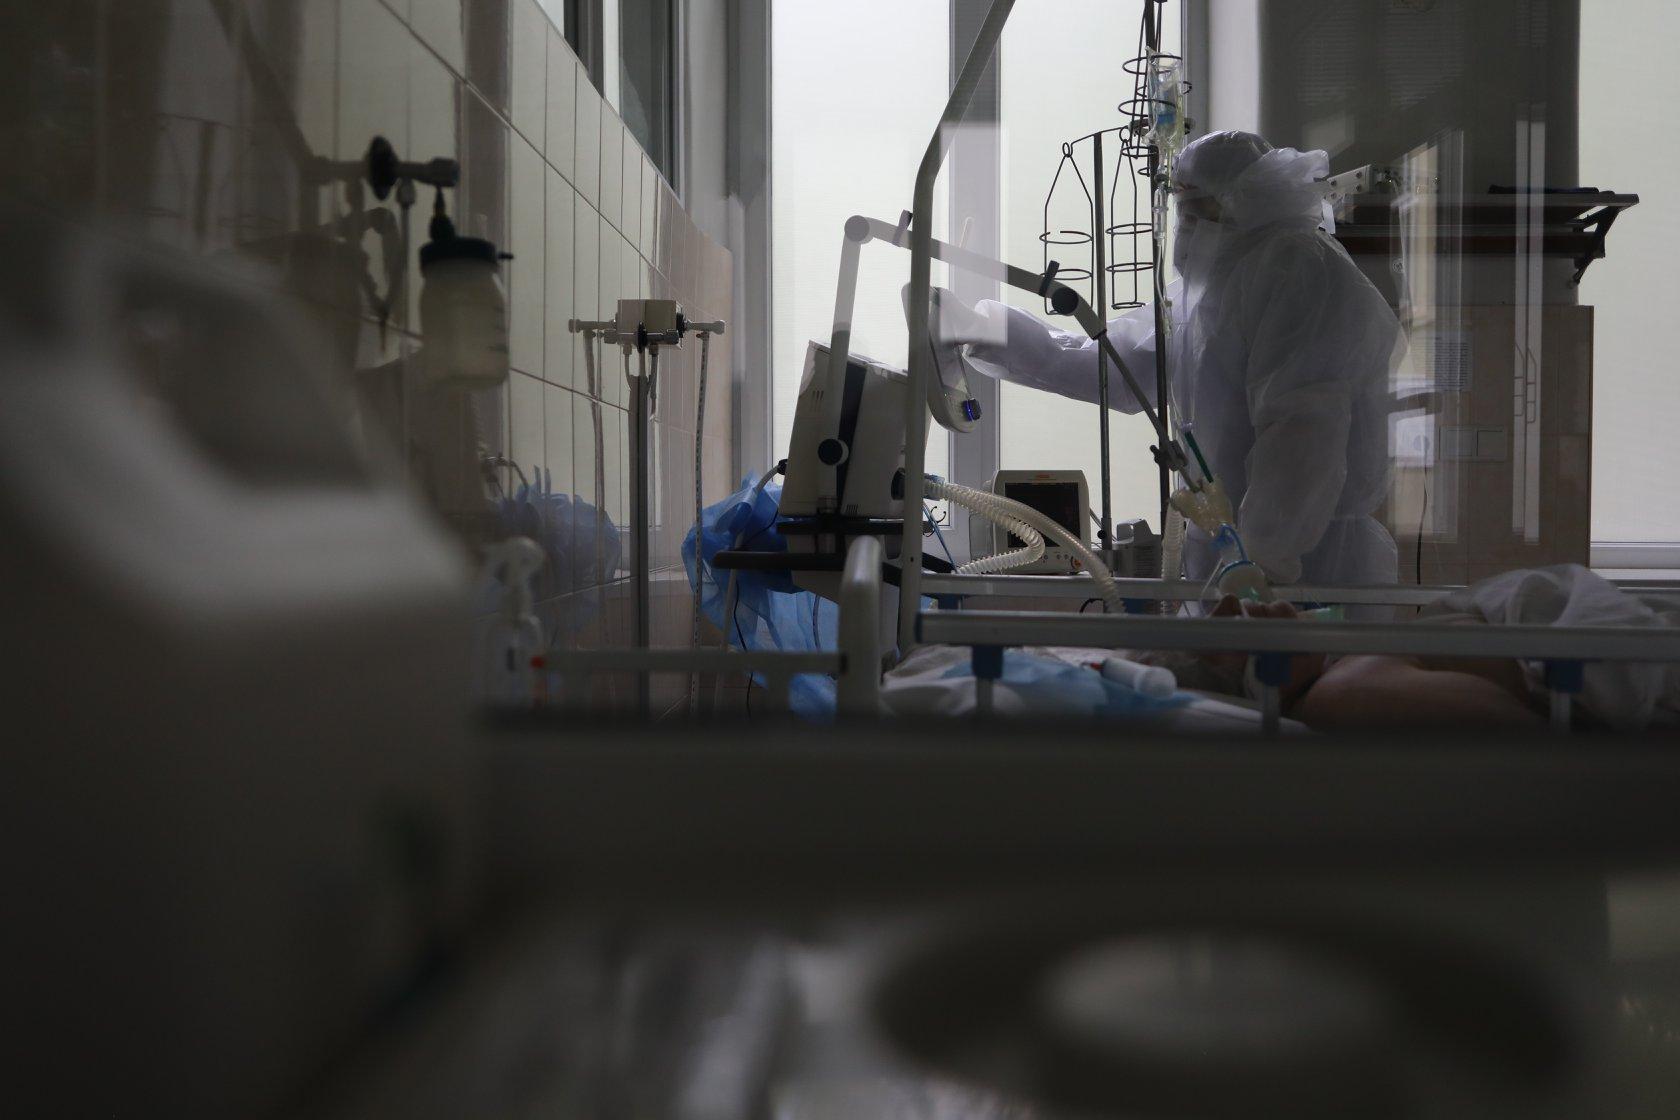 У Києві завантаженість ліжок для хворих на Сovid-19 перевищує 50% - лікарня, коронавірус, Київ - 103726793 144749263798634 7352188753425036844 o